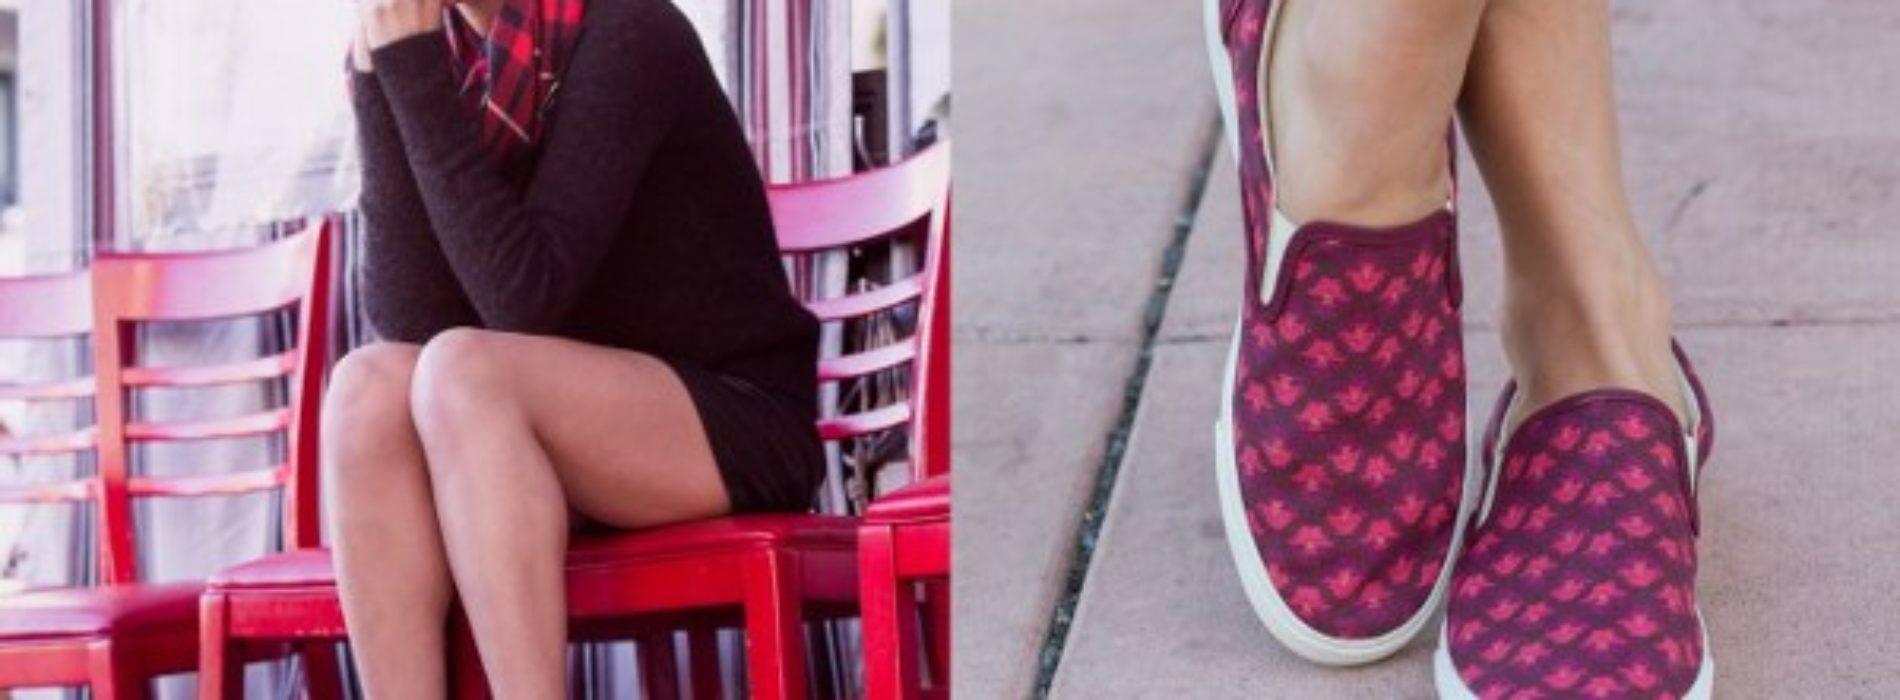 Las zapatillas conquistan los estilos chic urbanos